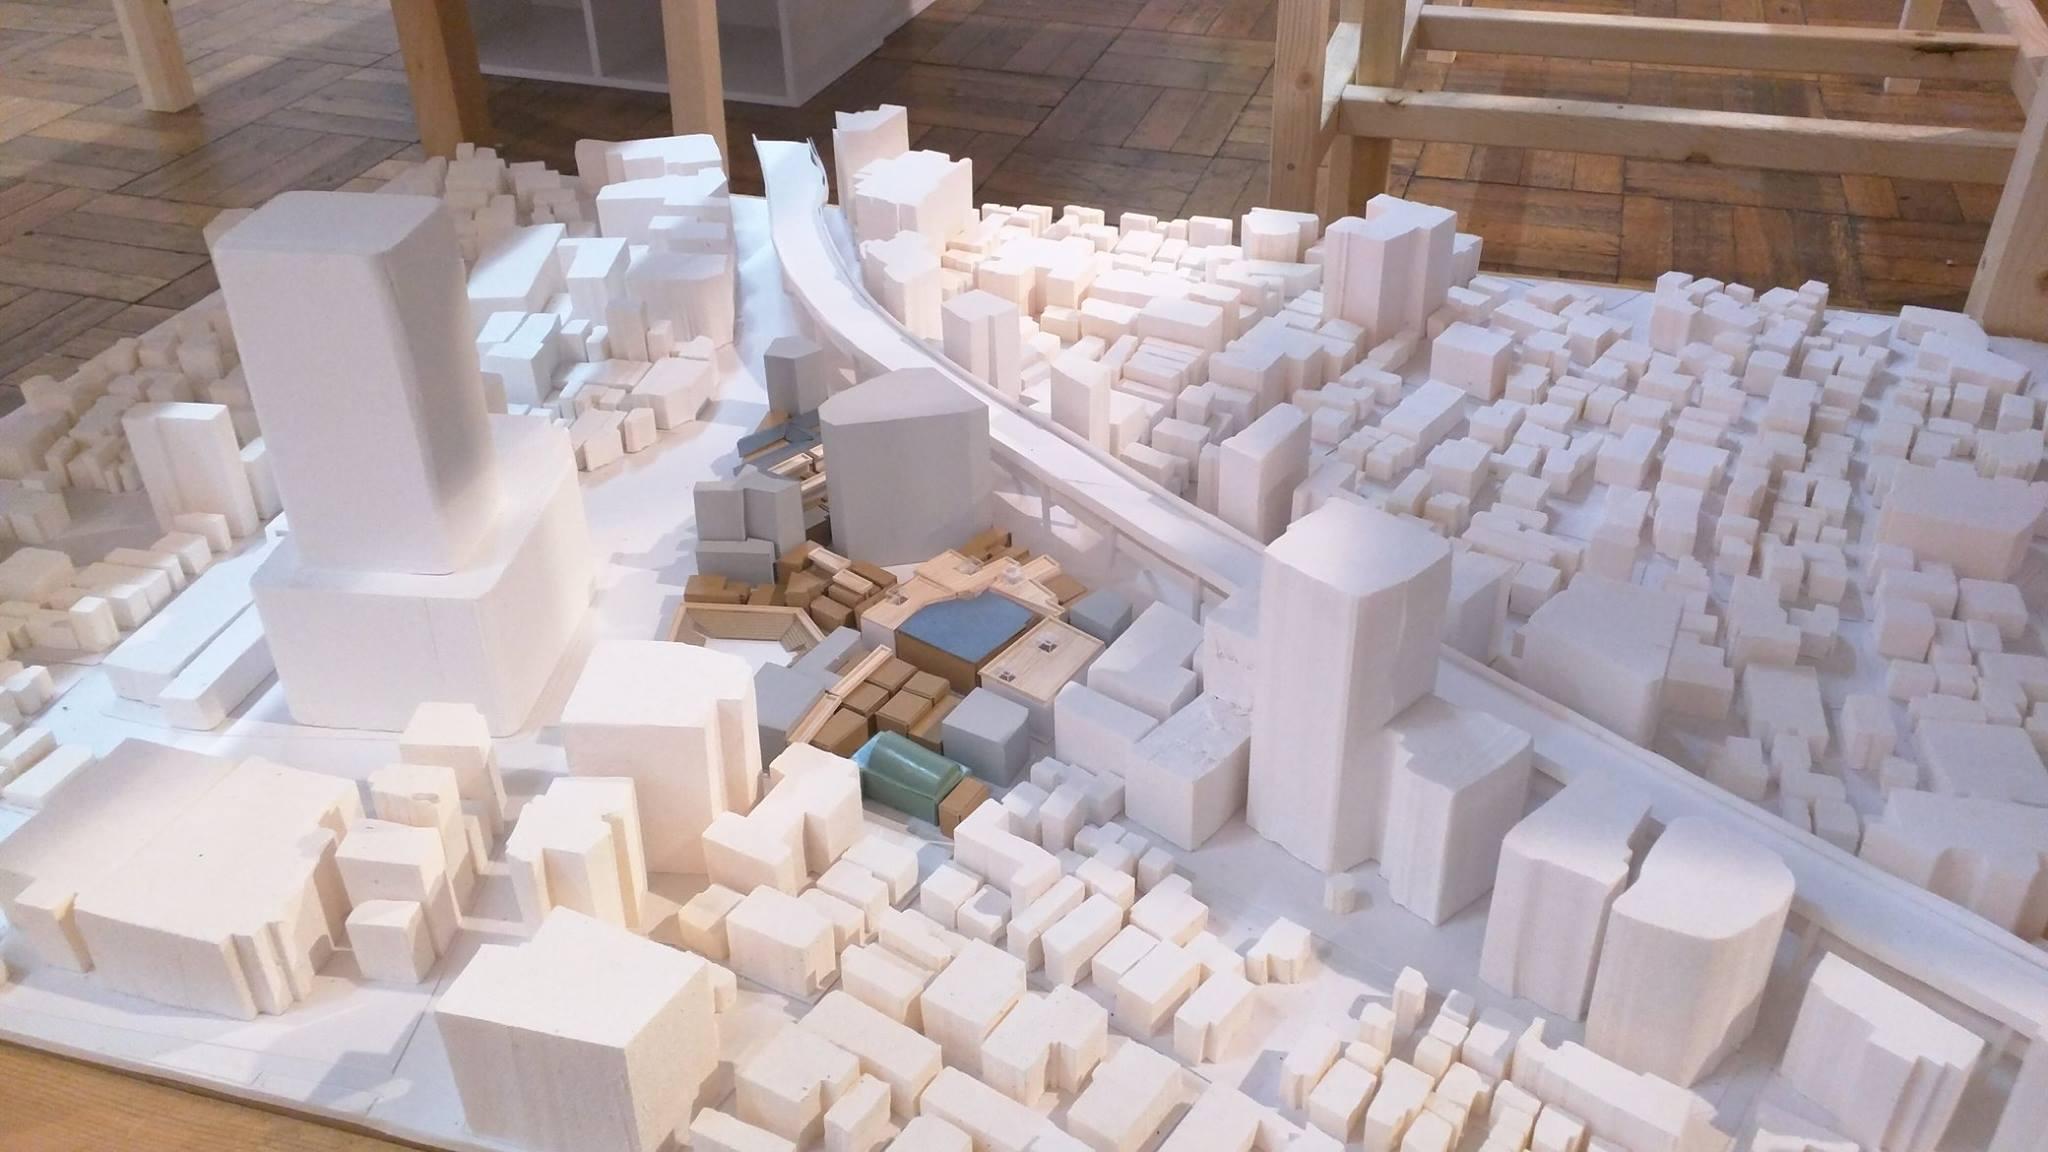 มาดู! งานทีสิส เด็กสถาปัตย์ฯ ป.ตรี ม.โตเกียว (14)